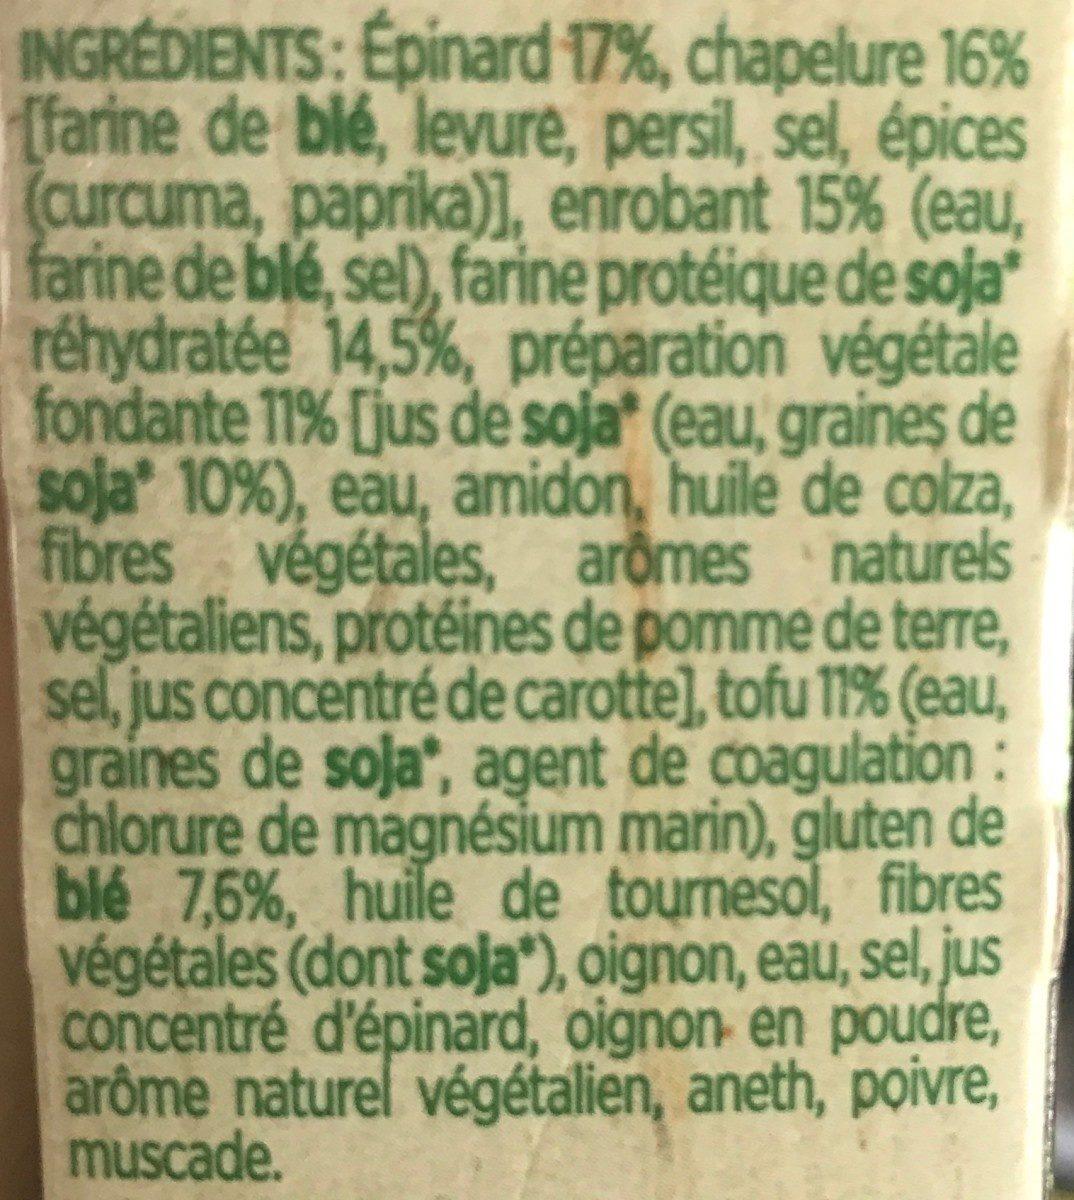 Croustillant vegetal aux epinards et au fondant vegetal - Ingrédients